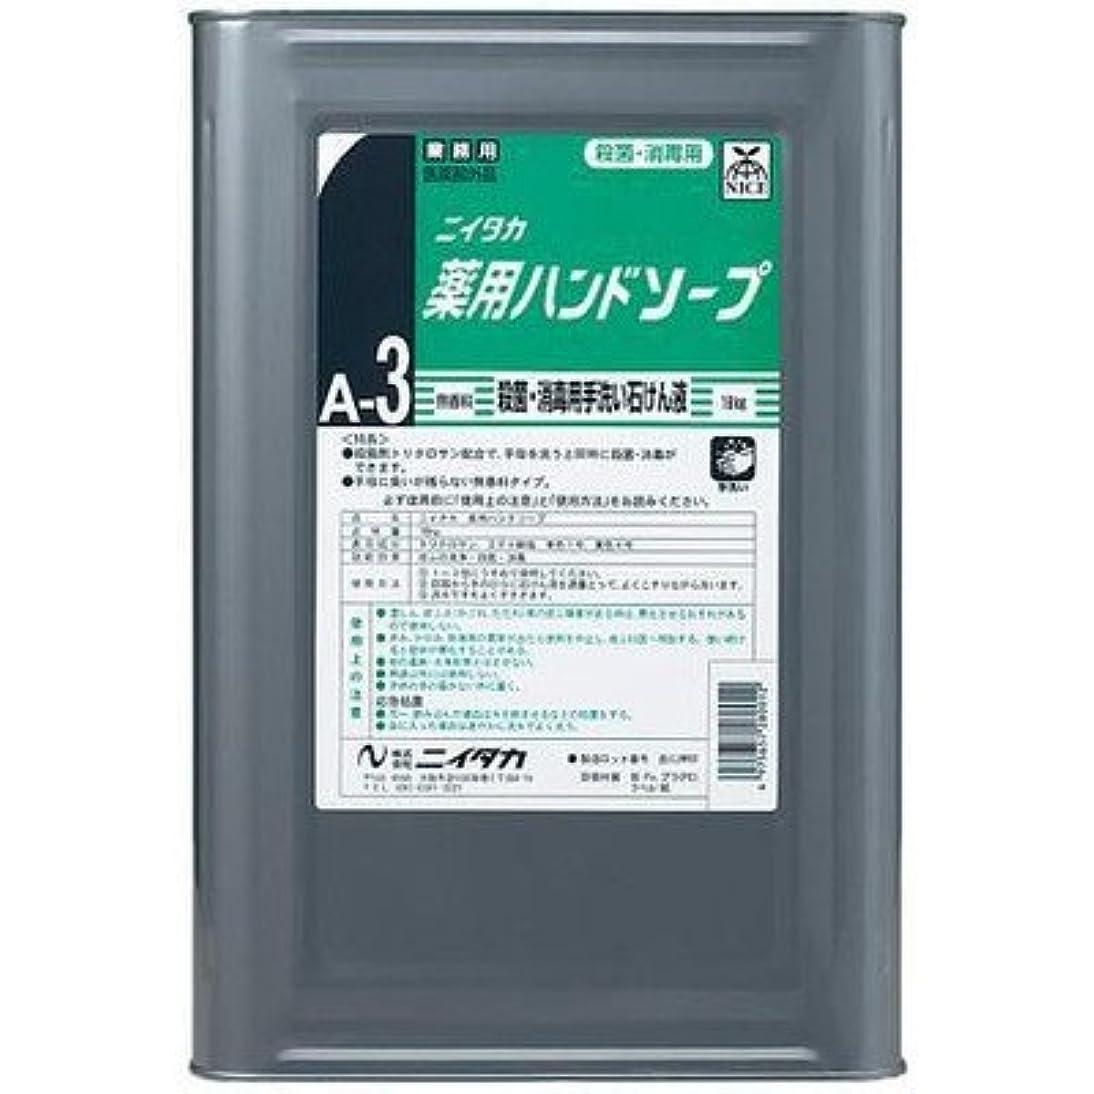 暗記する勉強する視線ニイタカ 業務用手洗い石けん液 薬用ハンドソープ(A-3) 18kg×1本